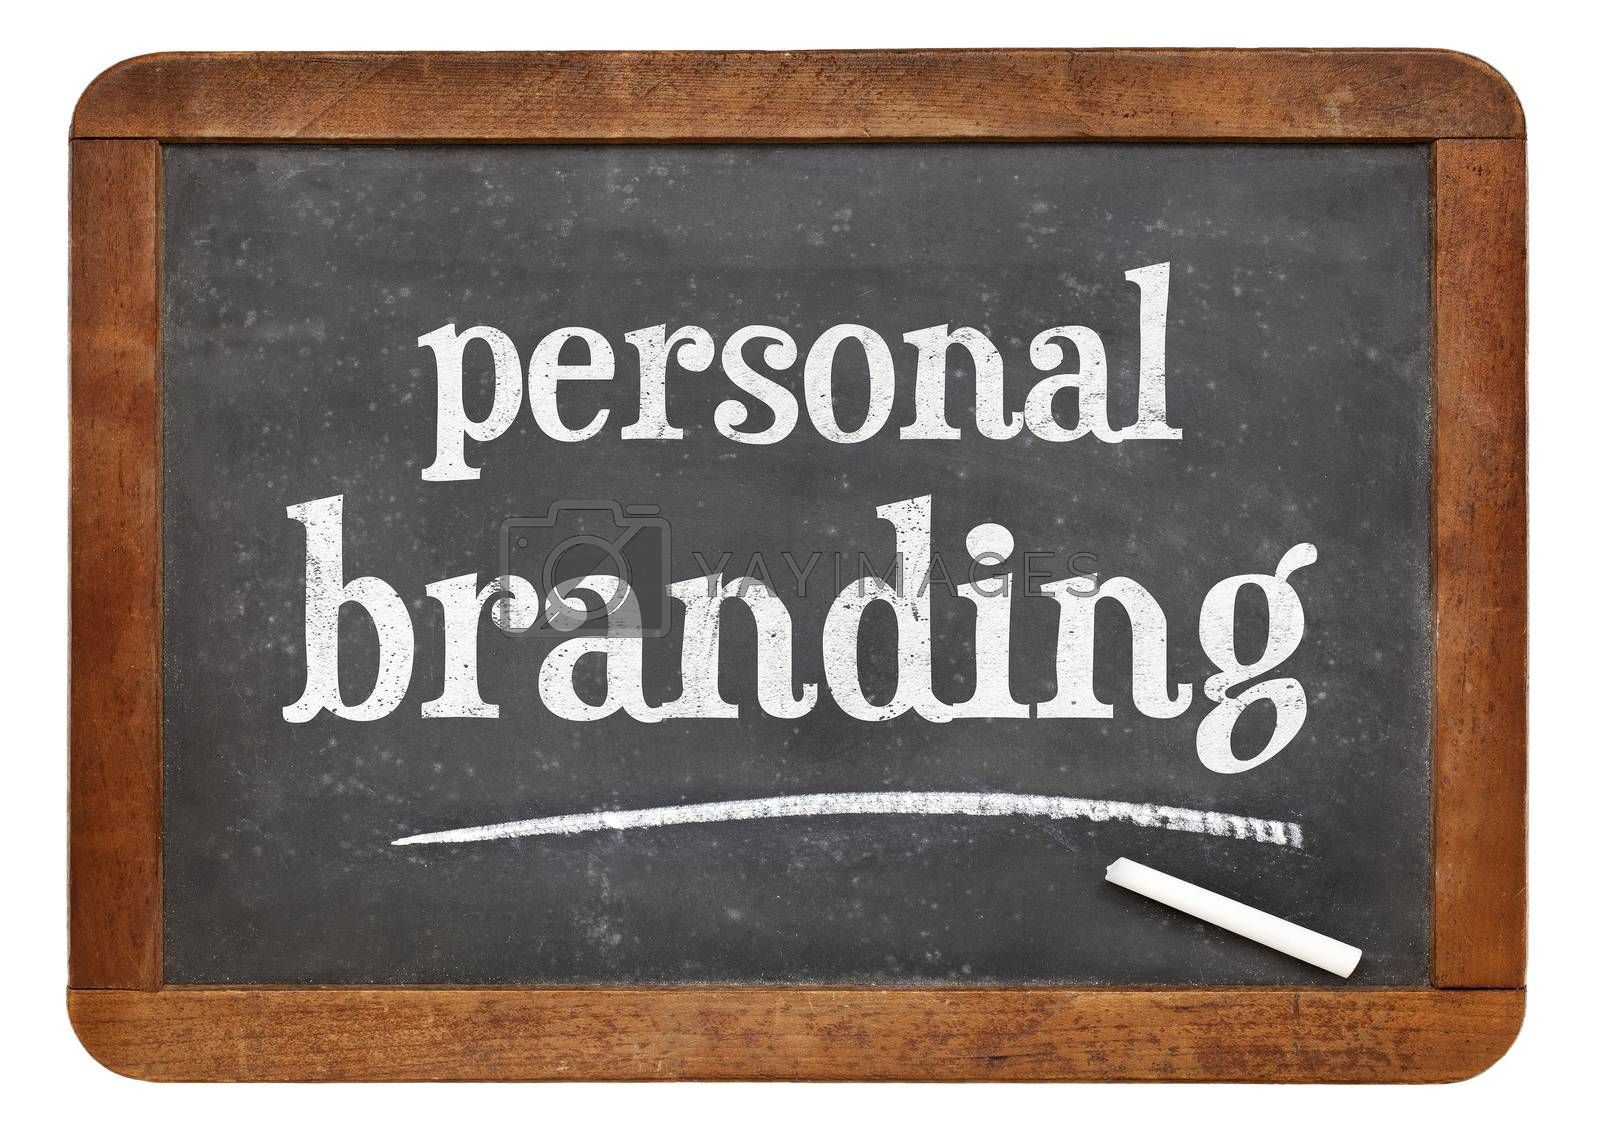 personal branding blackboard sign by PixelsAway